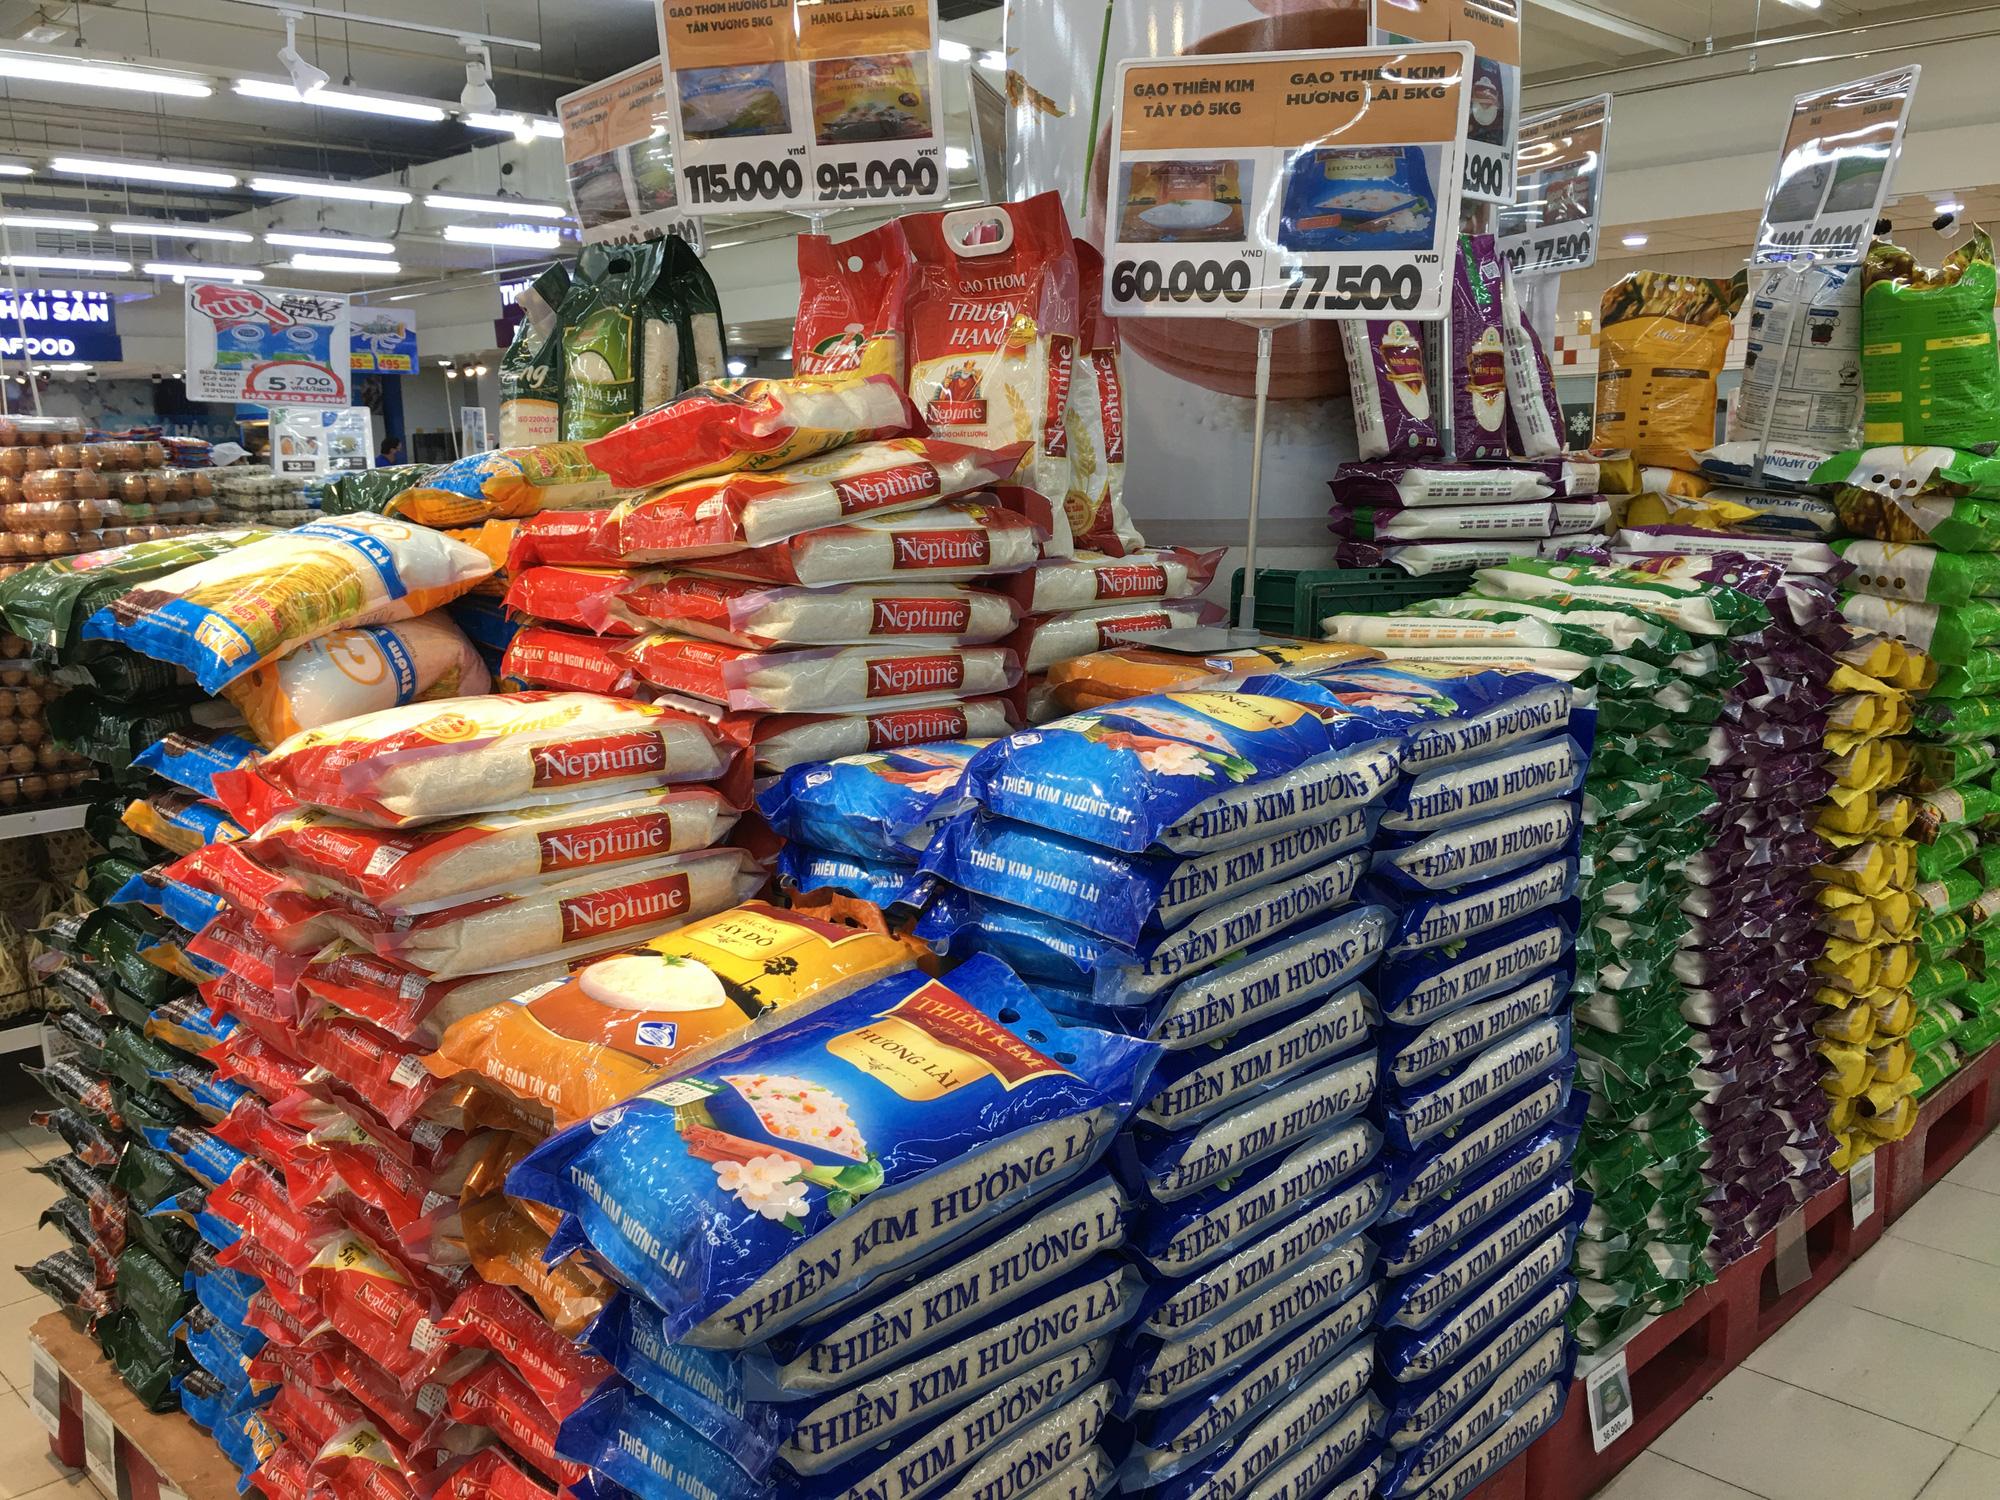 Siêu thị ở Đà Nẵng tràn đầy hàng trăm tấn hàng hóa cho nhu cầu người dân - Ảnh 6.